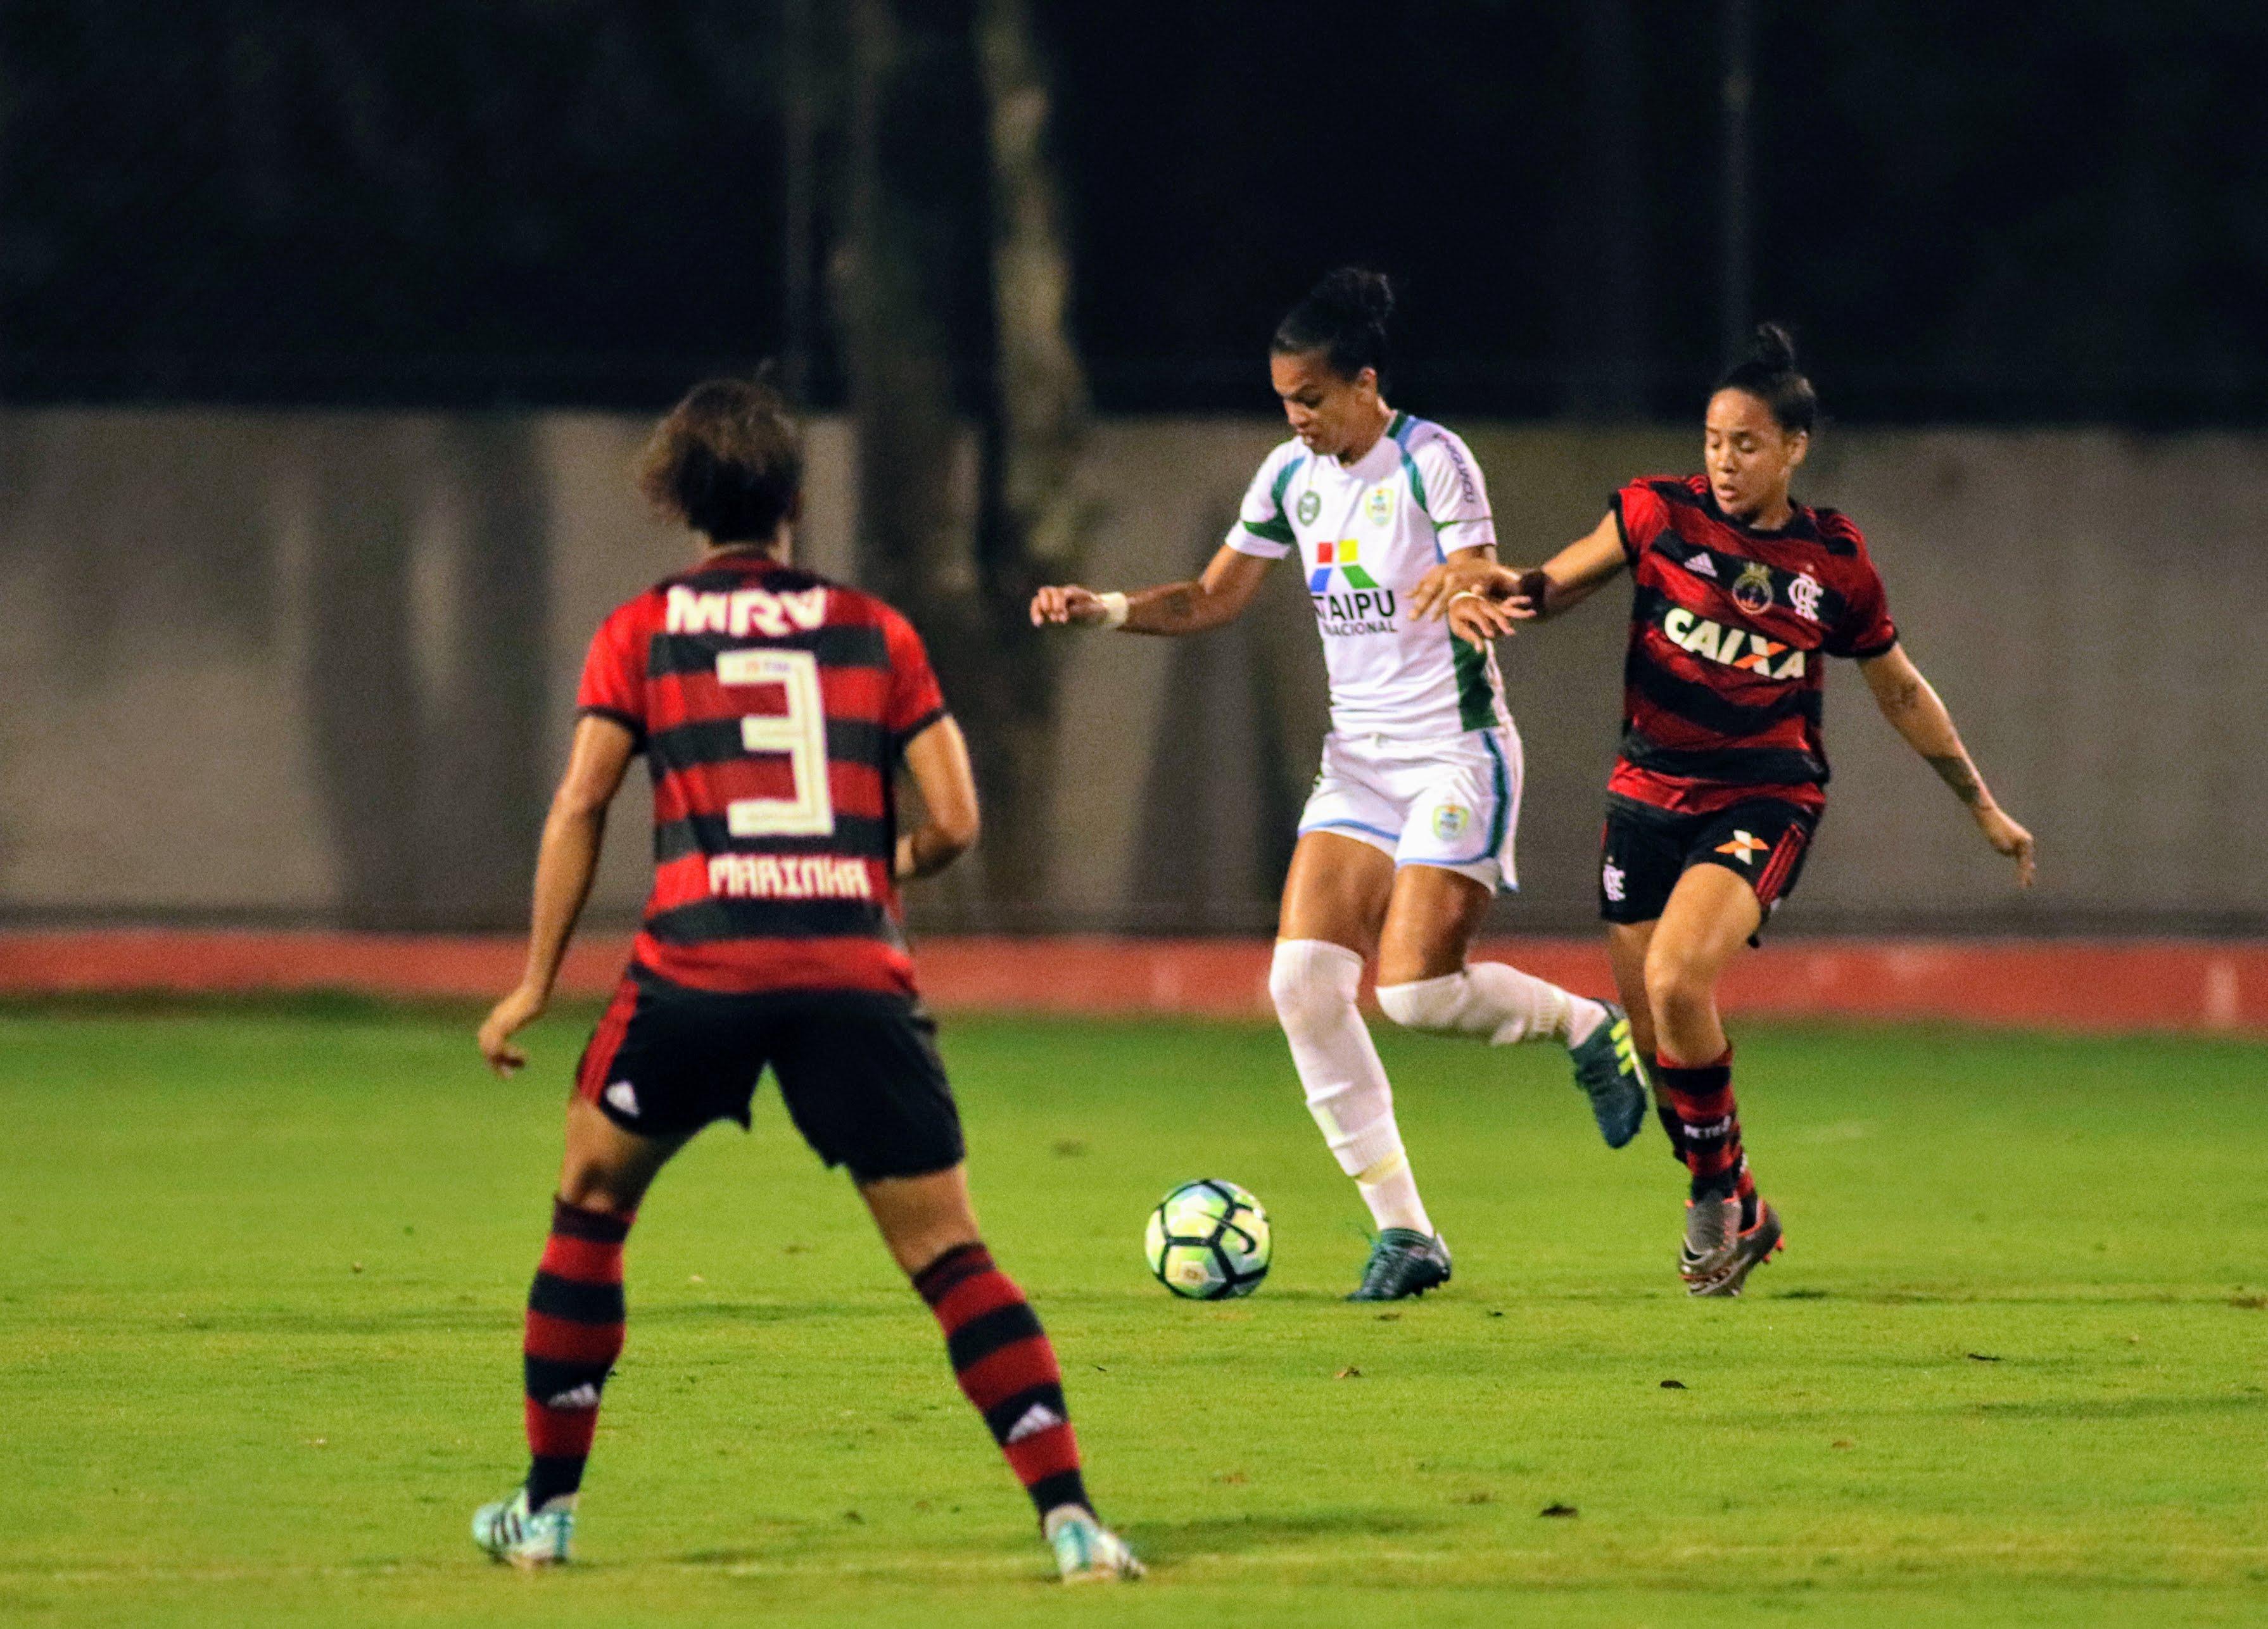 Foz Cataratas/Coritiba empata em casa com o Flamengo pelo Brasileirão Partida foi disputada no Estádio Pedro Basso, nesta quinta, 17